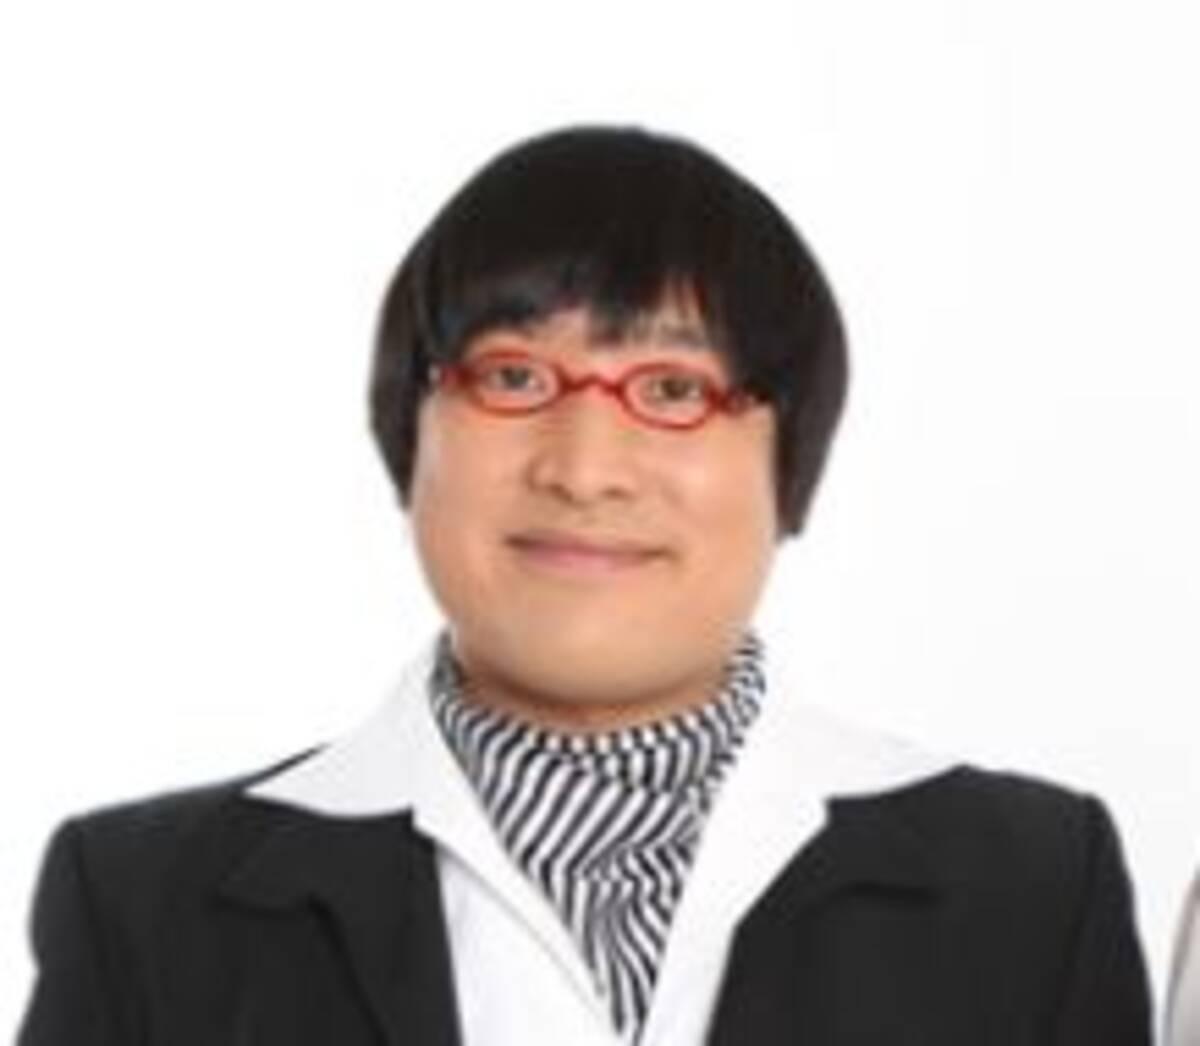 南キャン山ちゃんの結婚に高知県知事がコメント「蒼井さんともぜひ高知 ...